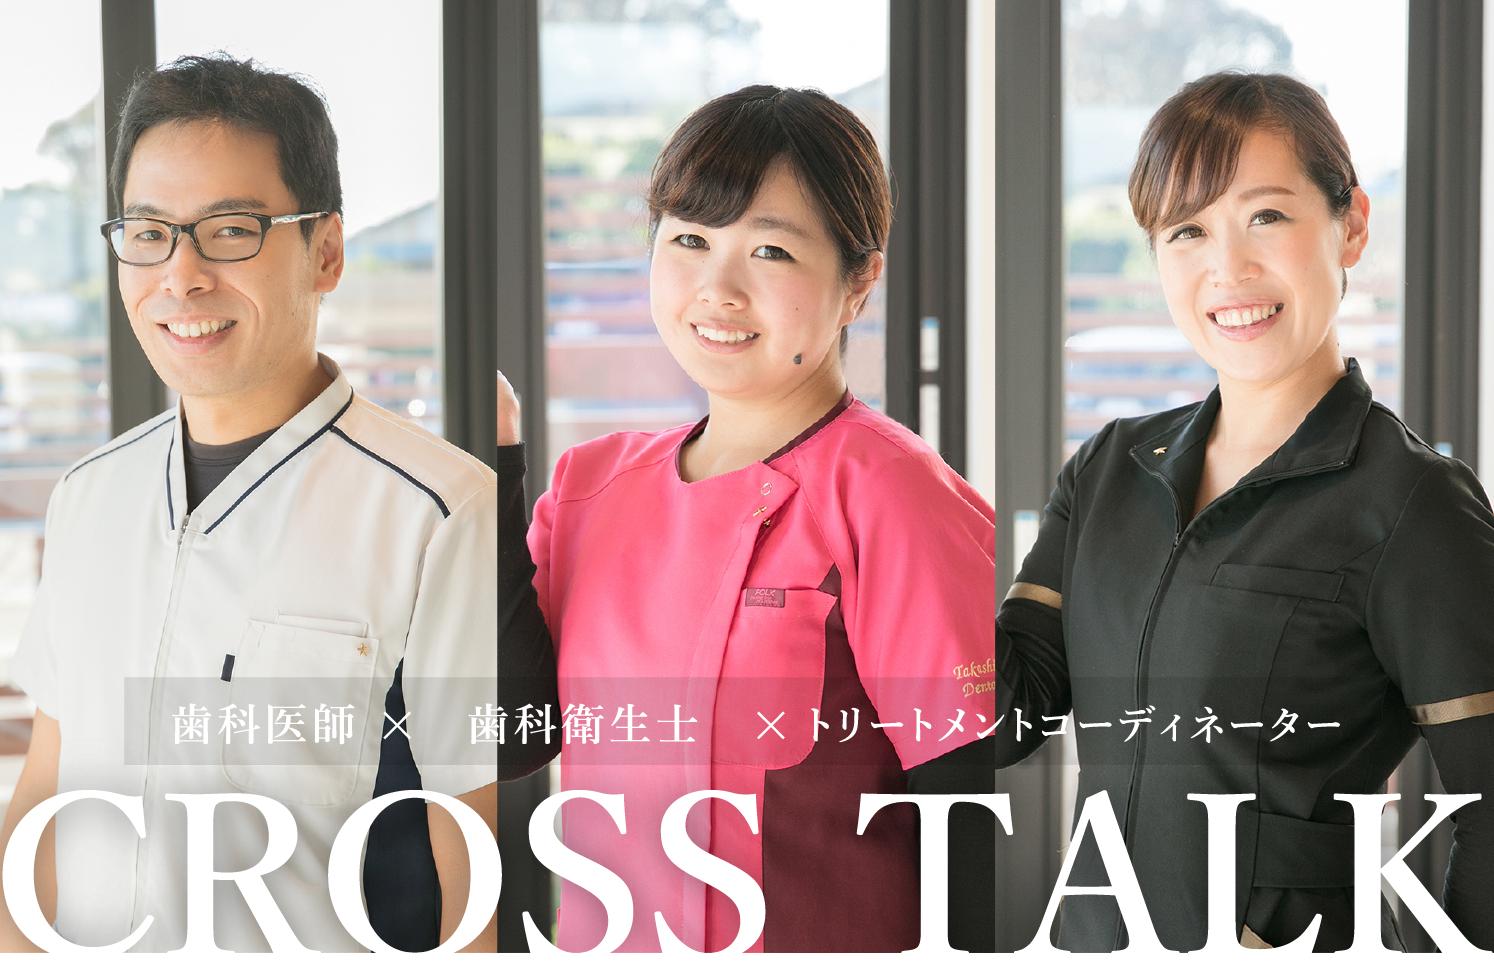 歯科医師×歯科衛生士×トリートメントコーディネーターCROSS TALK